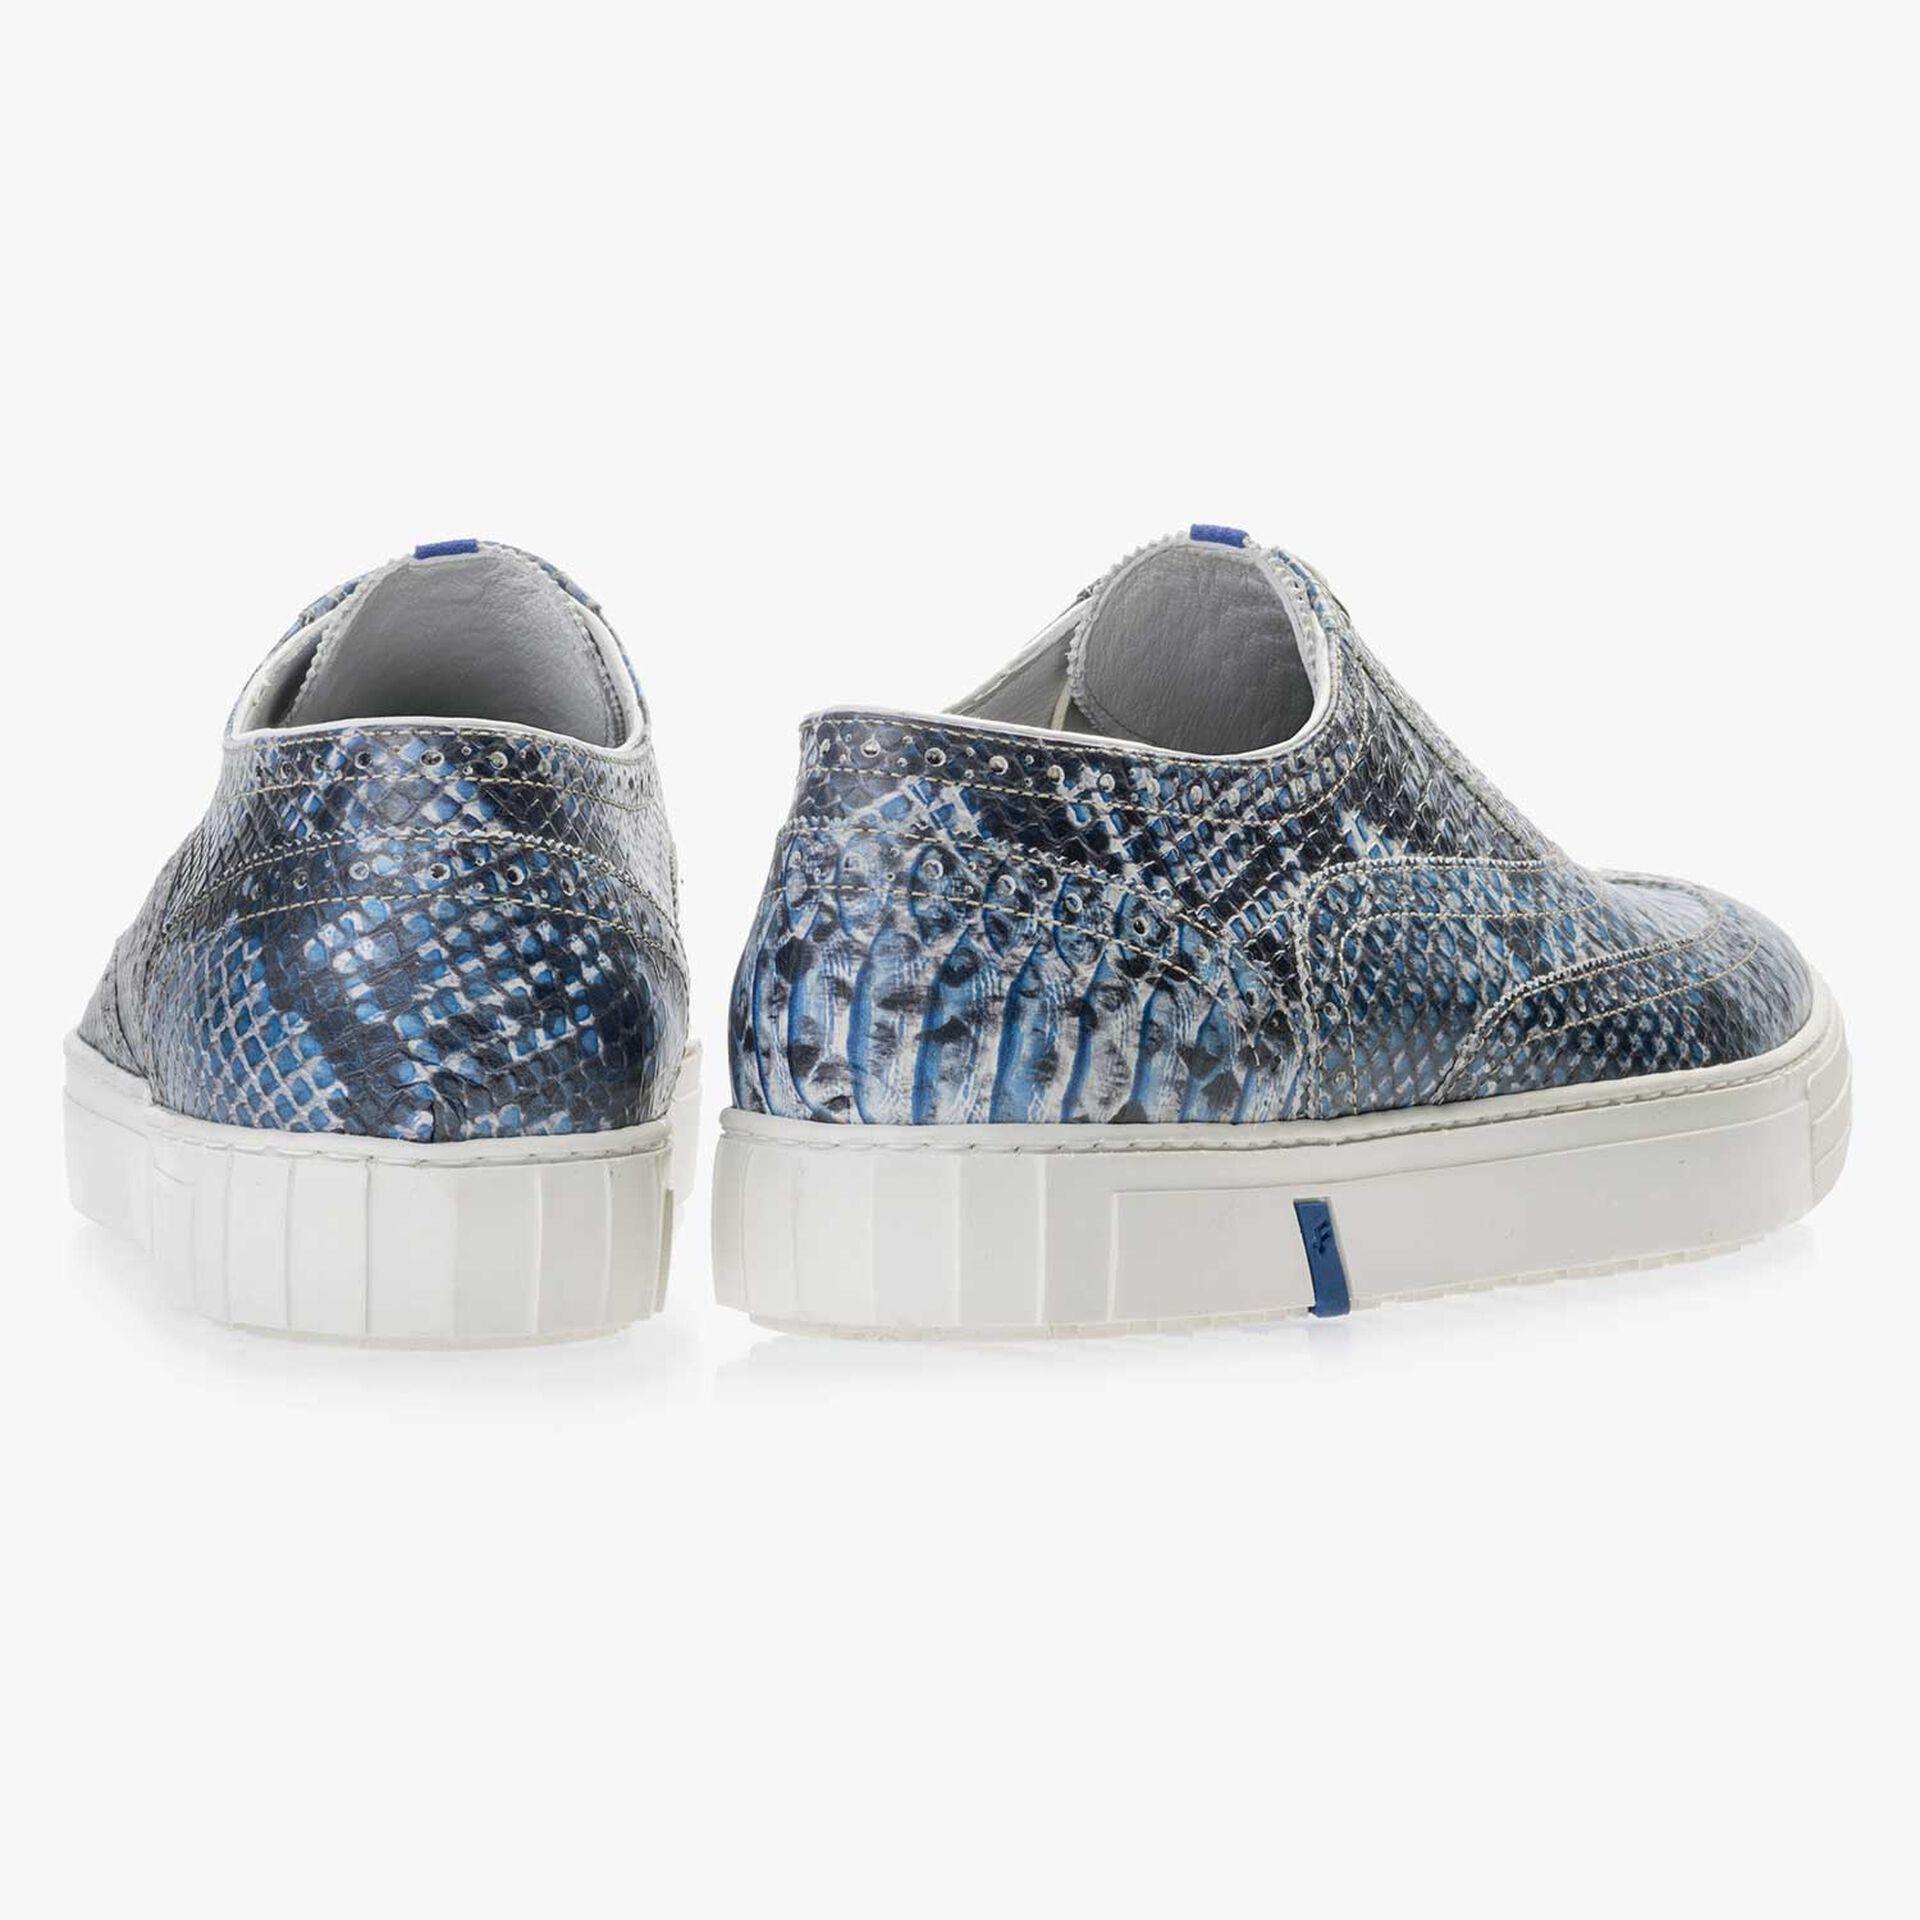 Blauwe leren brogue sneaker met snakeprint